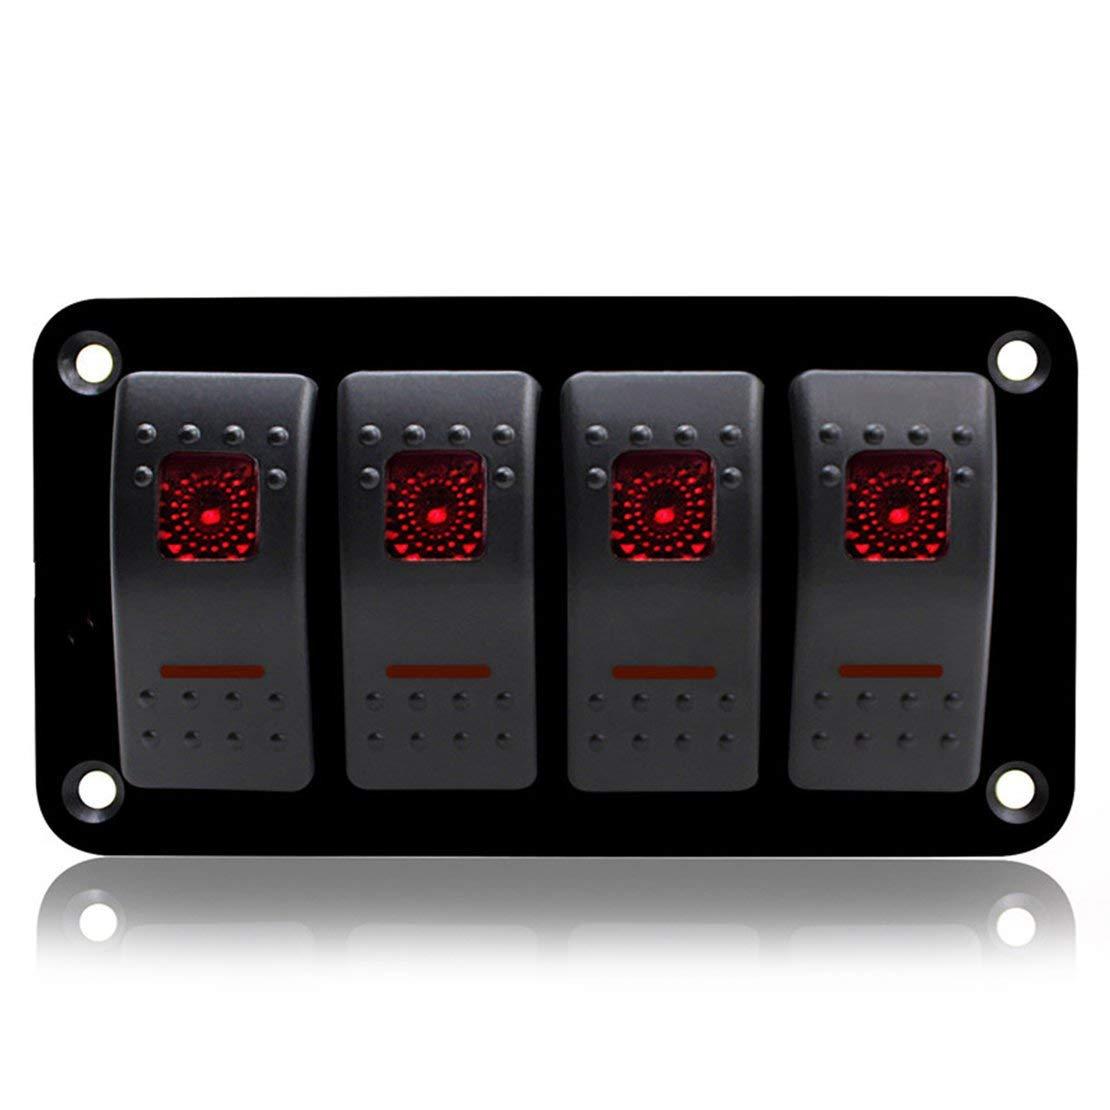 4 Gang Car Marine Boat Caravan Interruptor de panel LED Interruptor profesional Interruptor oscilante Panel de control Circuito impermeable - Negro y rojo y azul Sanzhileg